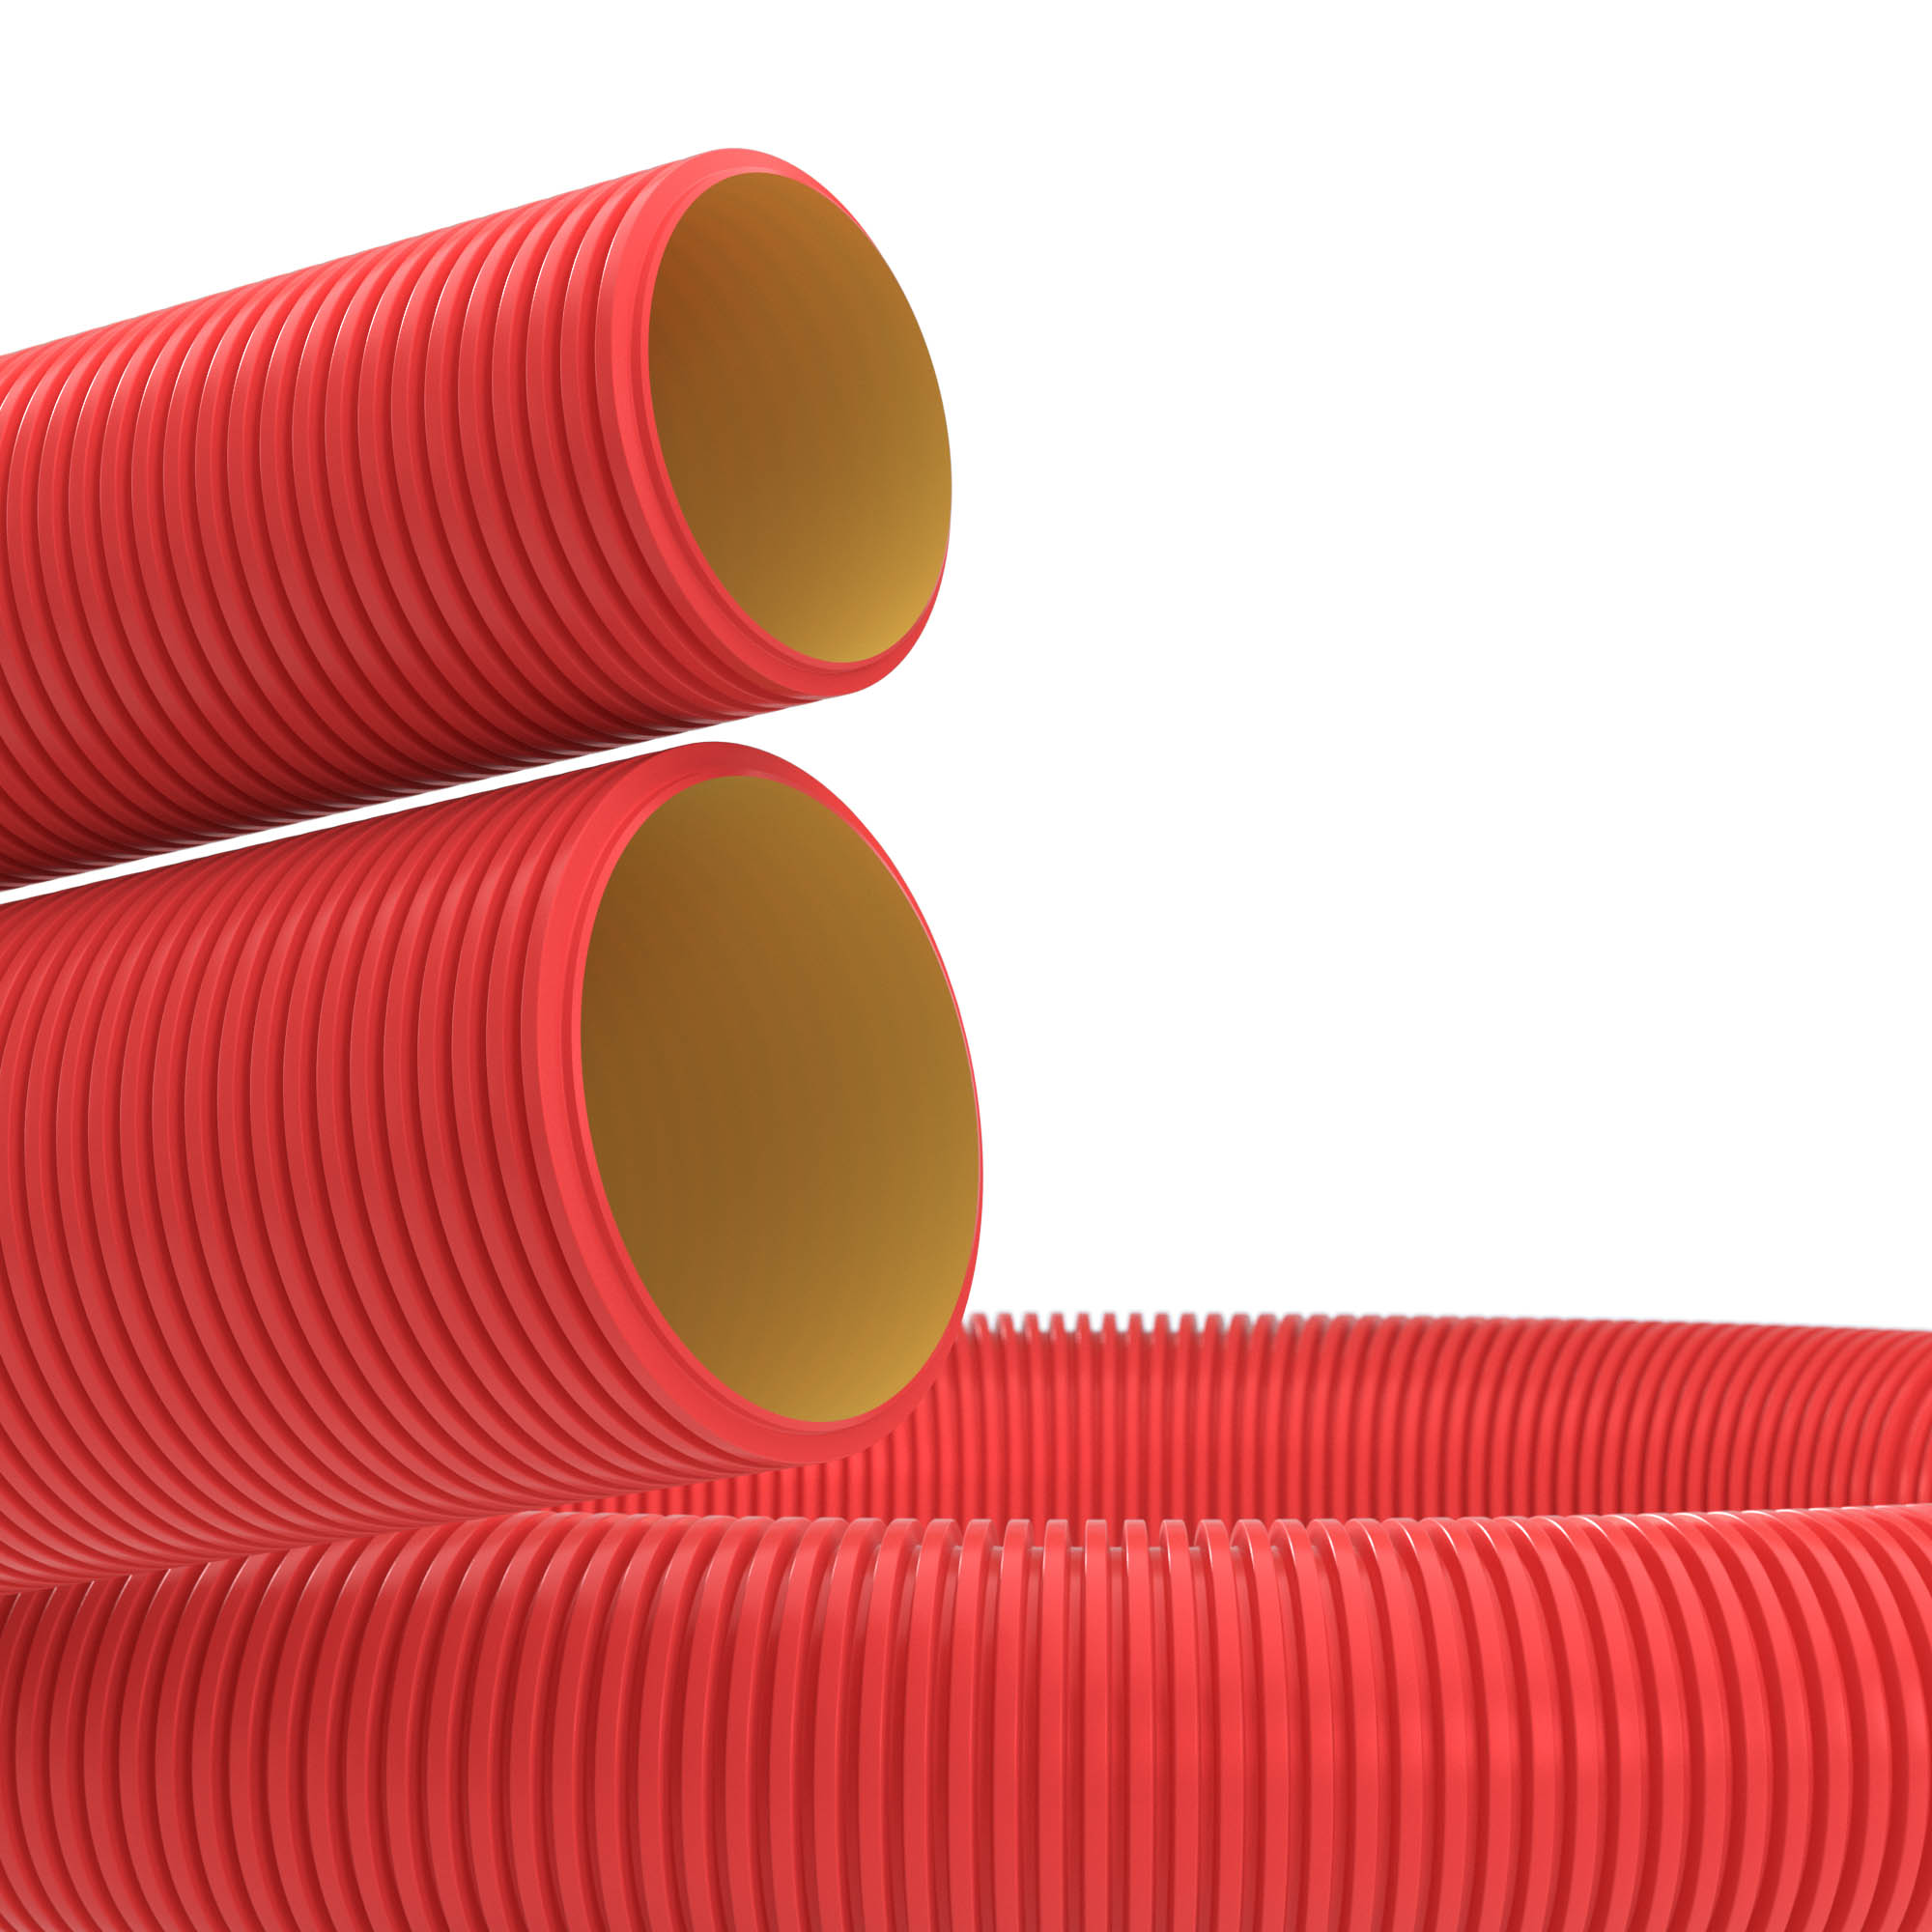 Двустенная труба ПНД гибкая для кабельной канализации d 110мм без протяжки SN8 450Н красный